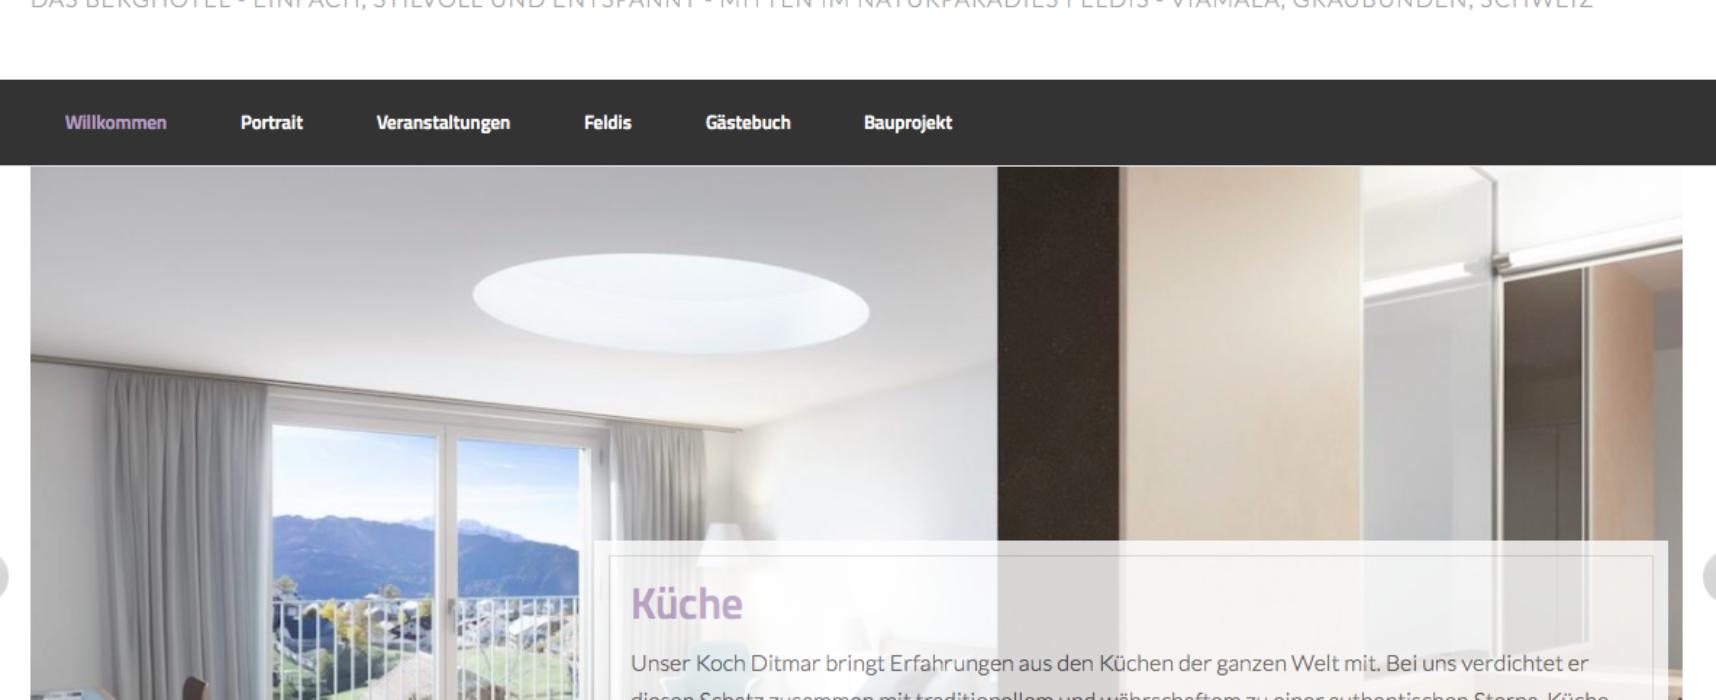 Öffentliche Mitwirkungsauflage Gemeinde Domleschg: